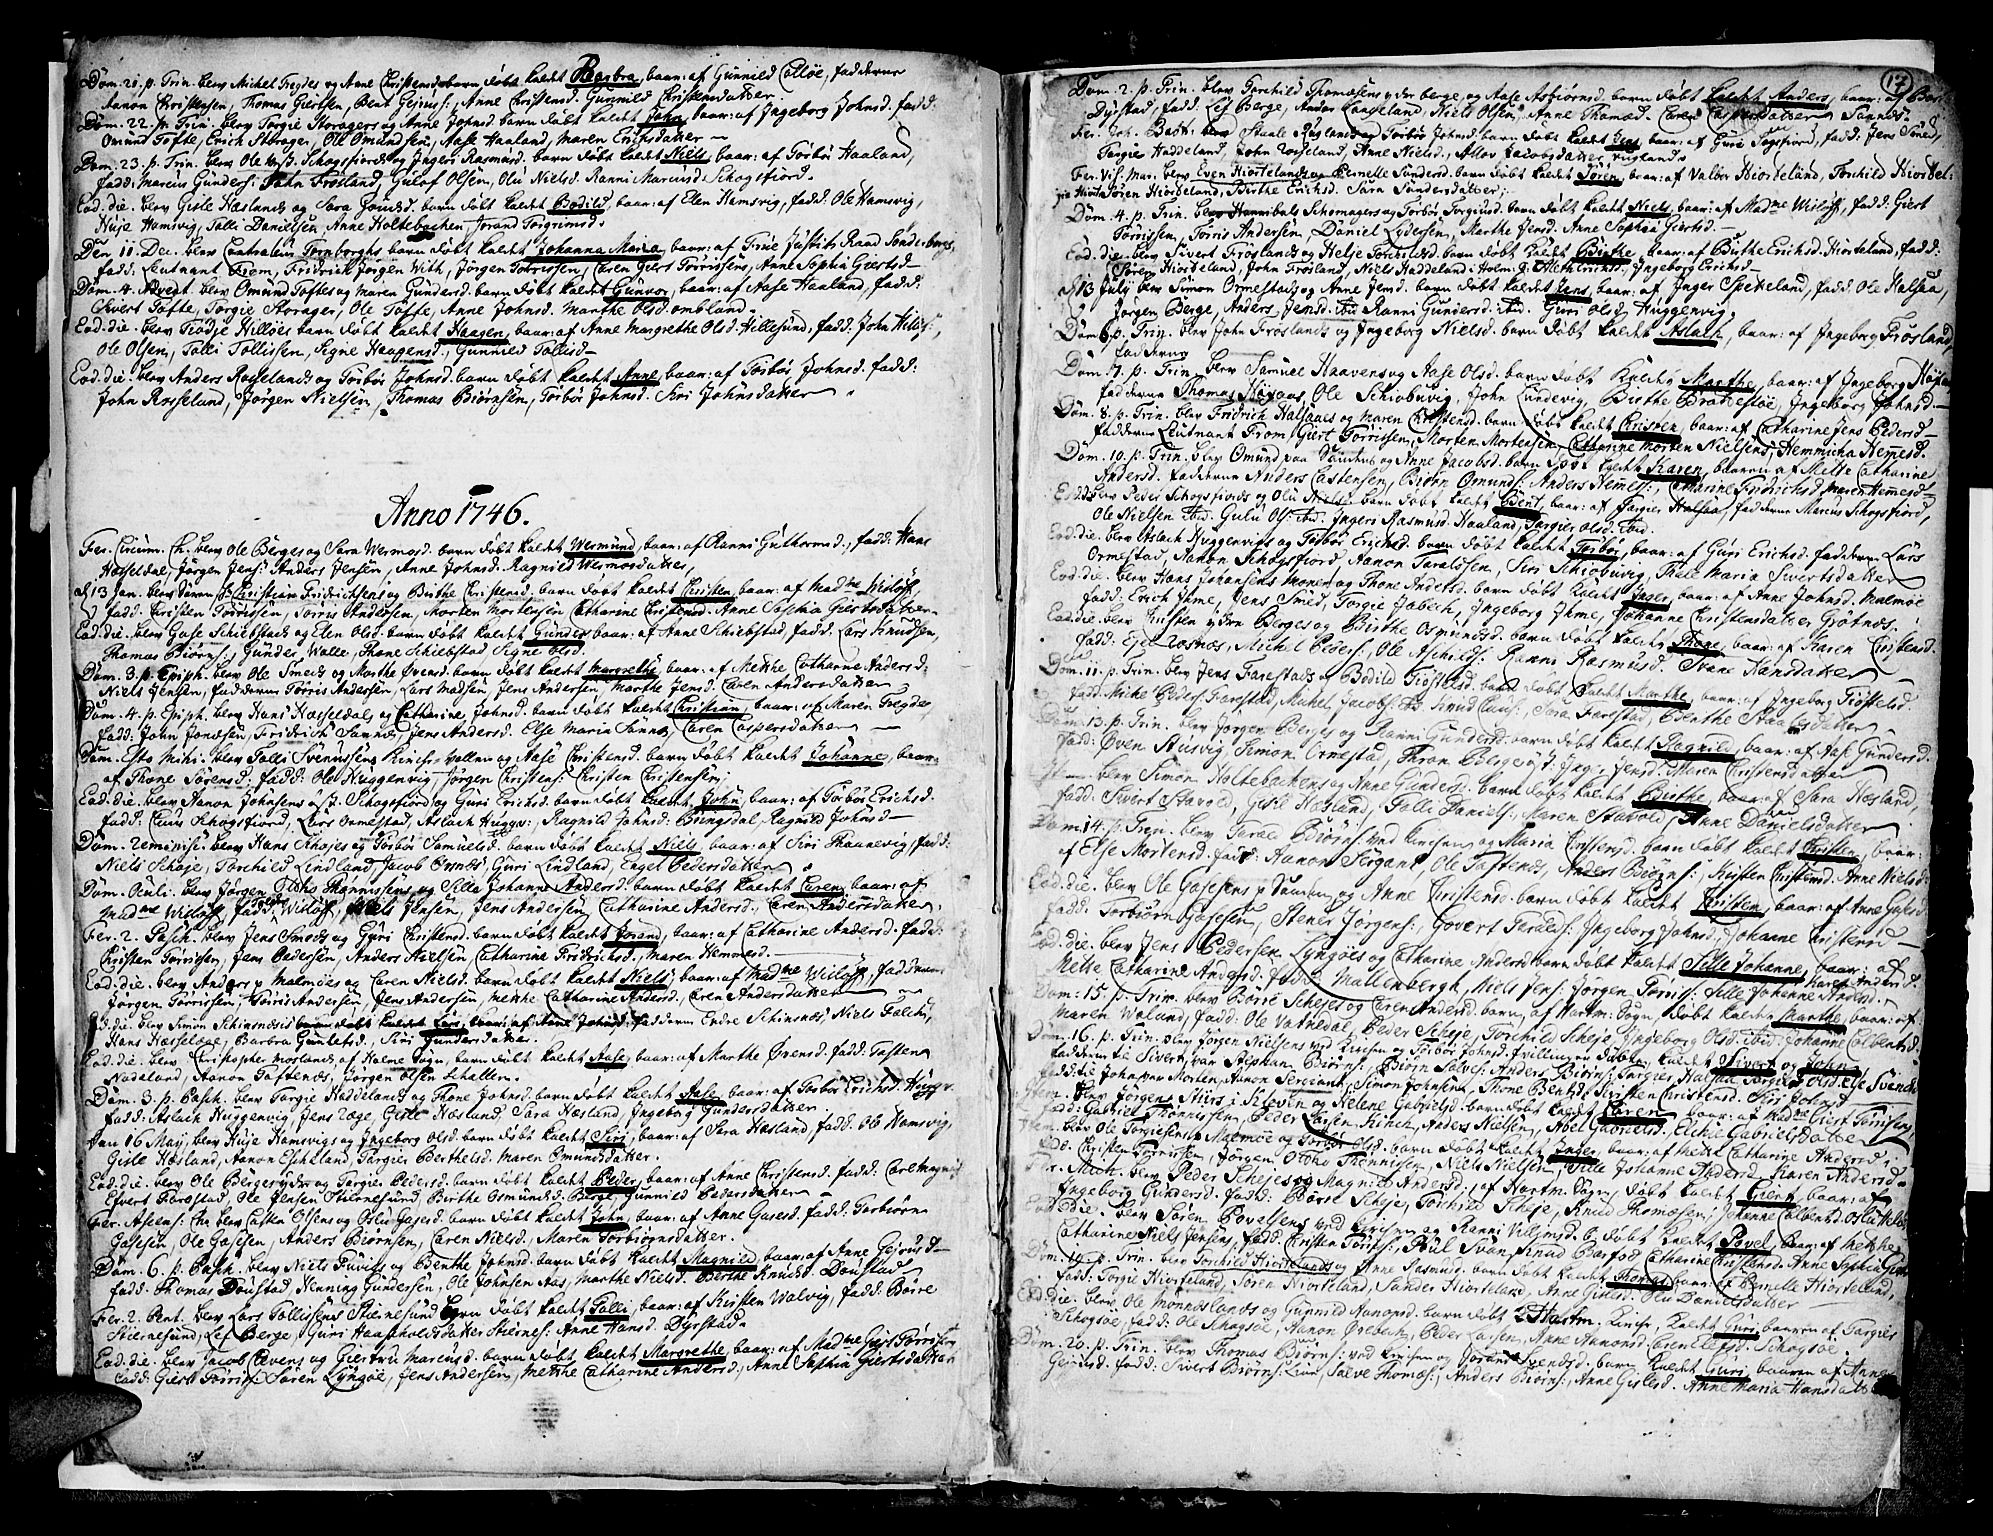 SAK, Mandal sokneprestkontor, F/Fa/Faa/L0001: Ministerialbok nr. A 1, 1729-1748, s. 17